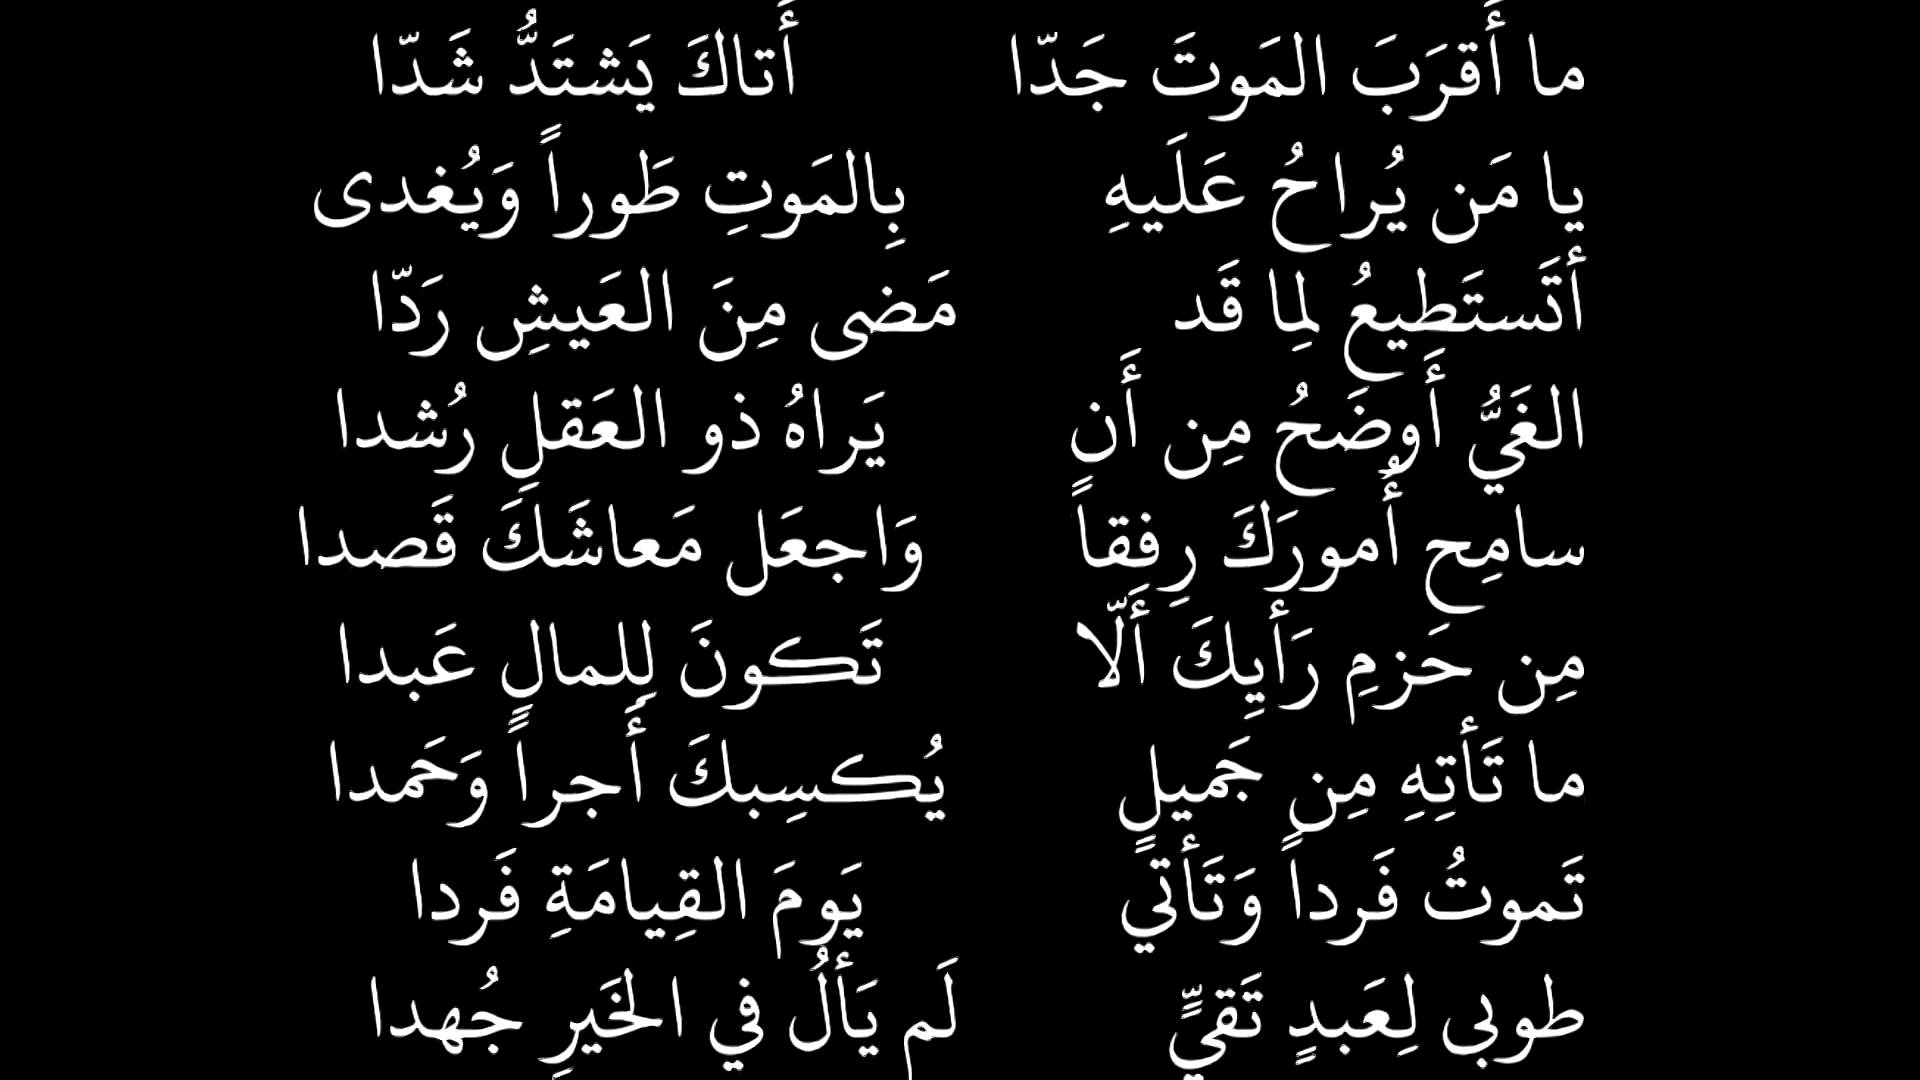 اشعار عراقيه حزينة